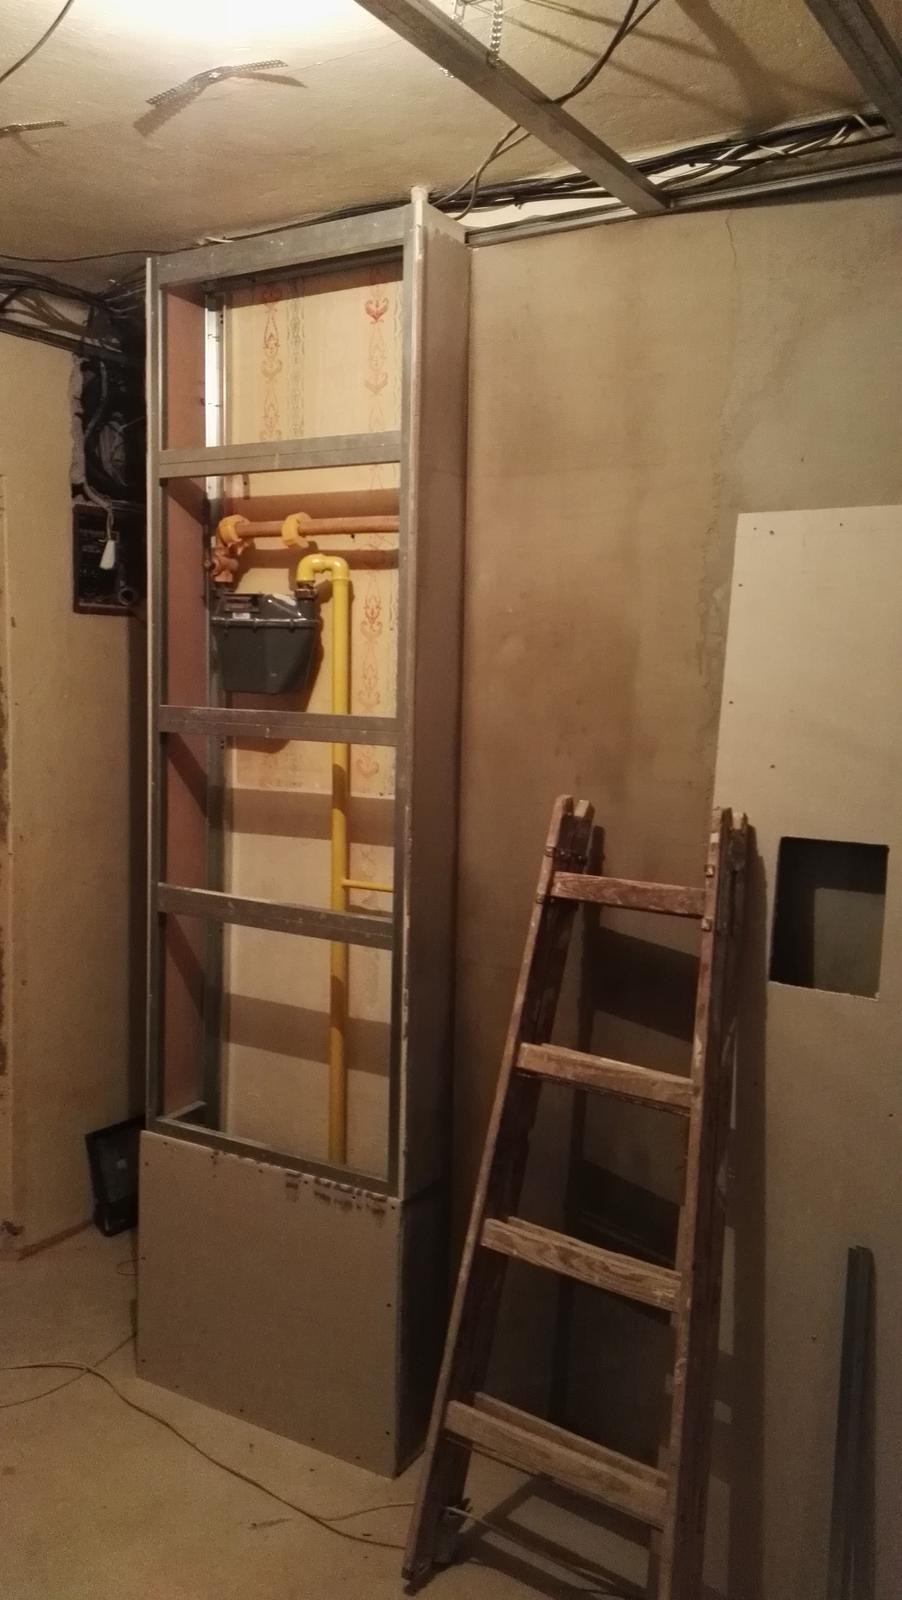 Projekt: Nové bývanie ... - ... plynomer ktorý je hneď pri dverách schováme za sádrkartón...